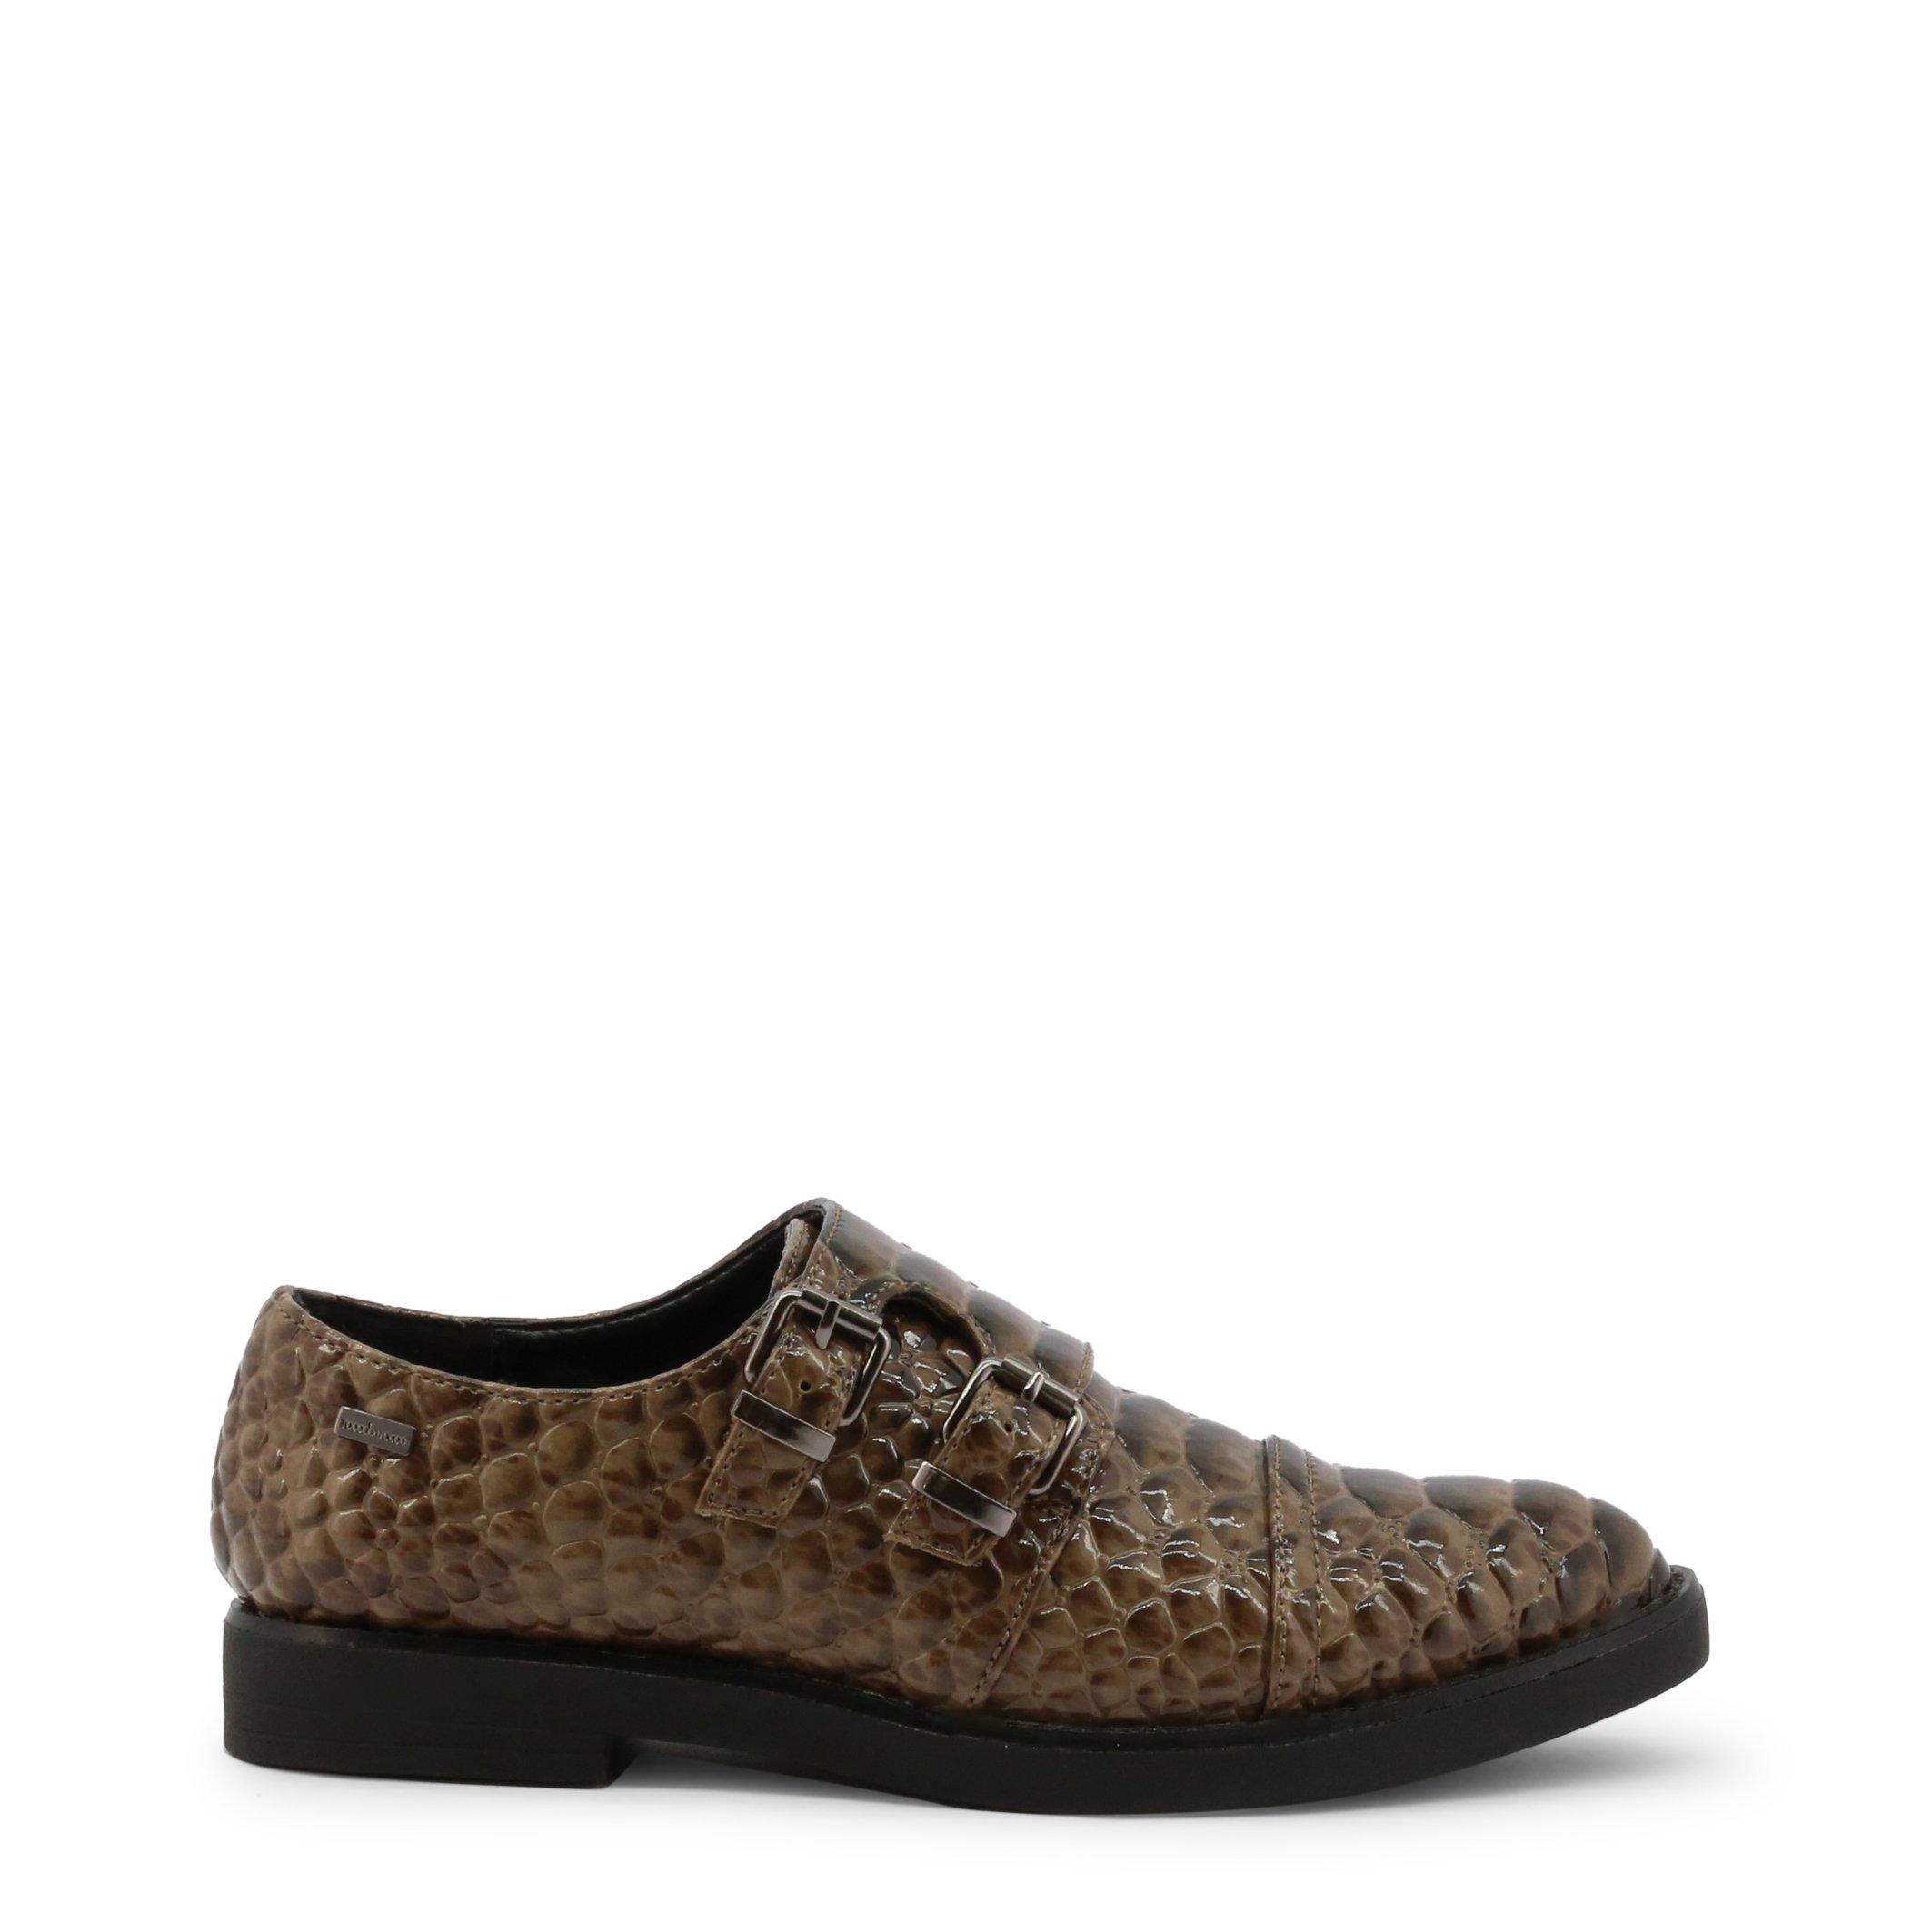 Roccobarocco Women's Flat Shoes Brown 343282 - brown-1 EU 35